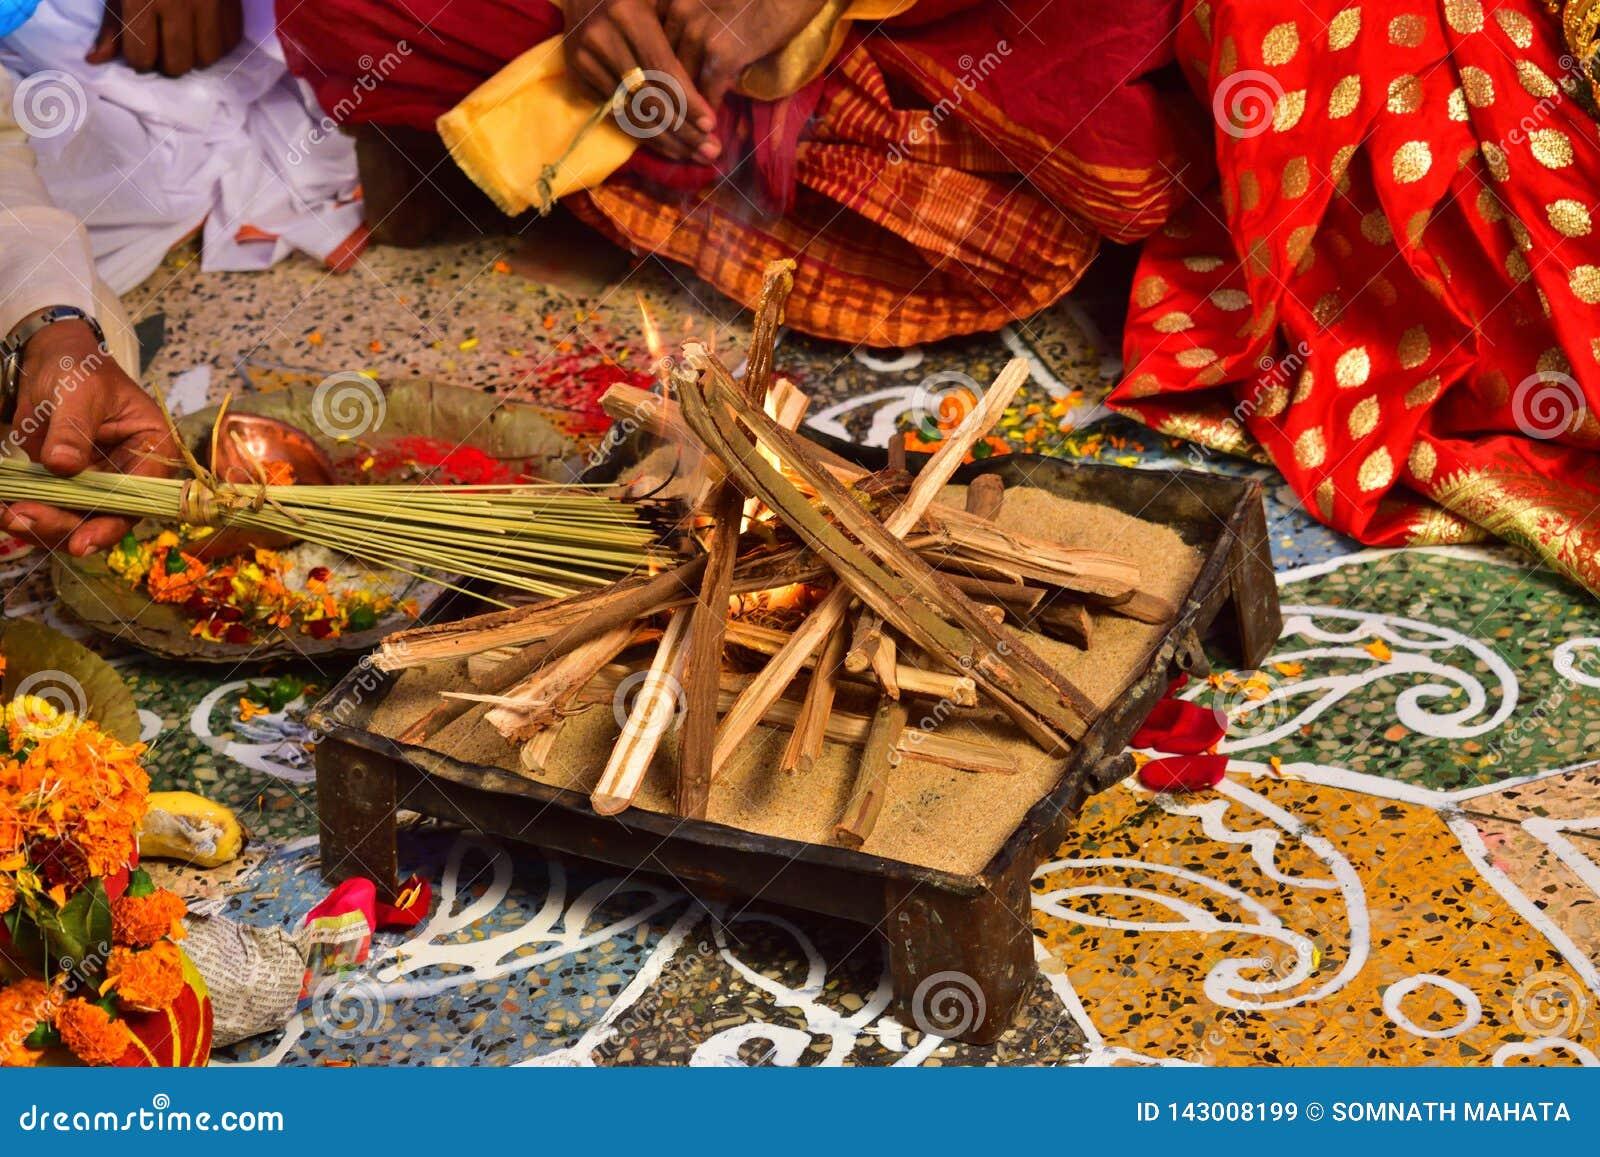 Beau et sacré endroit disposé pour le mariage vedic